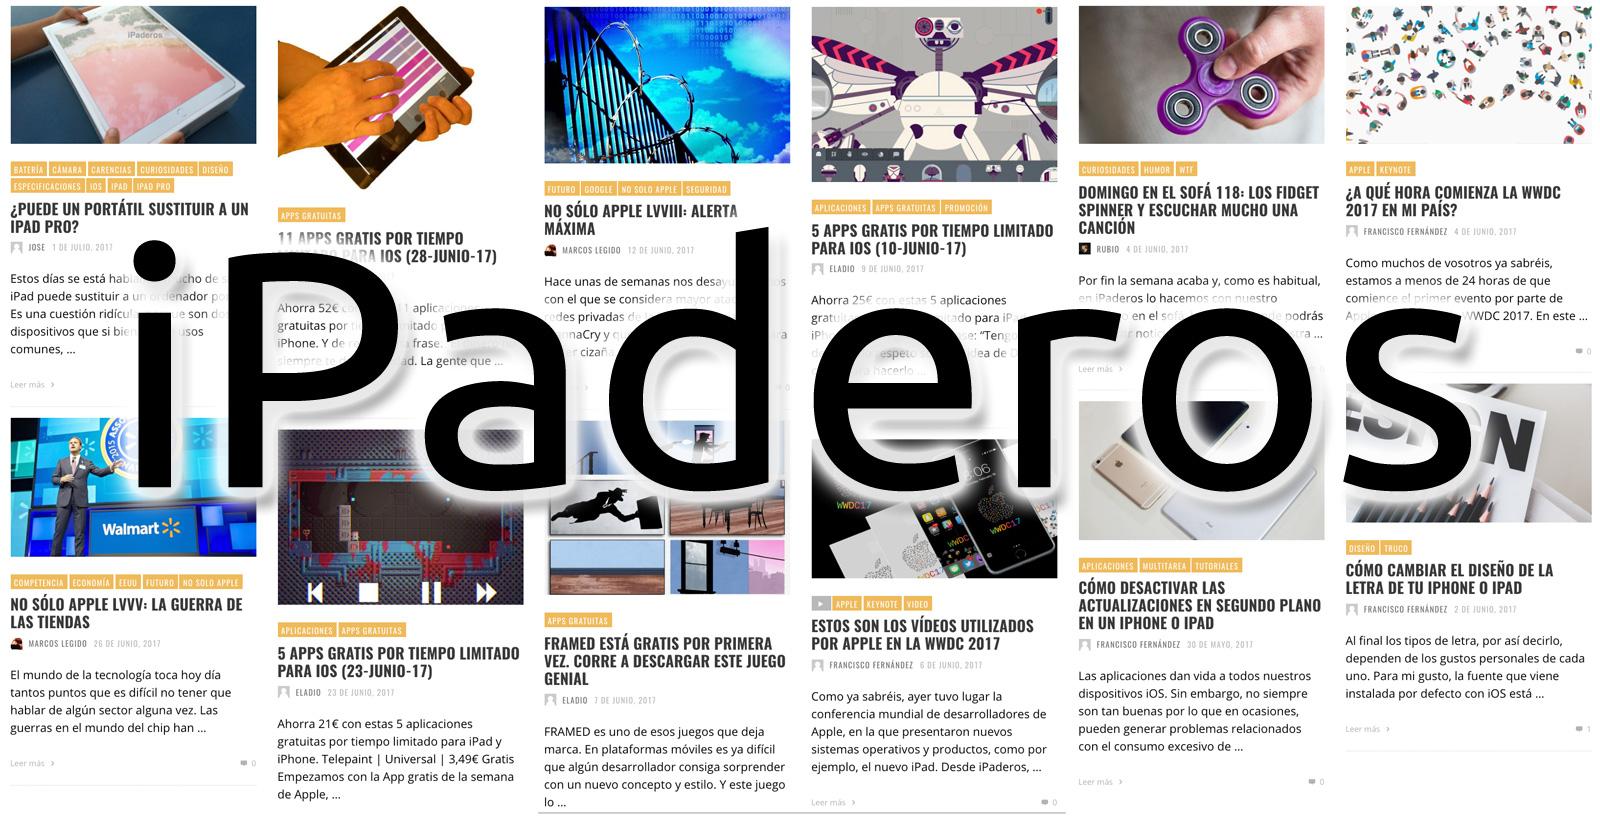 Si te encanta el iPad, estamos buscando redactores para iPaderos, ¿Quieres unirte al equipo?